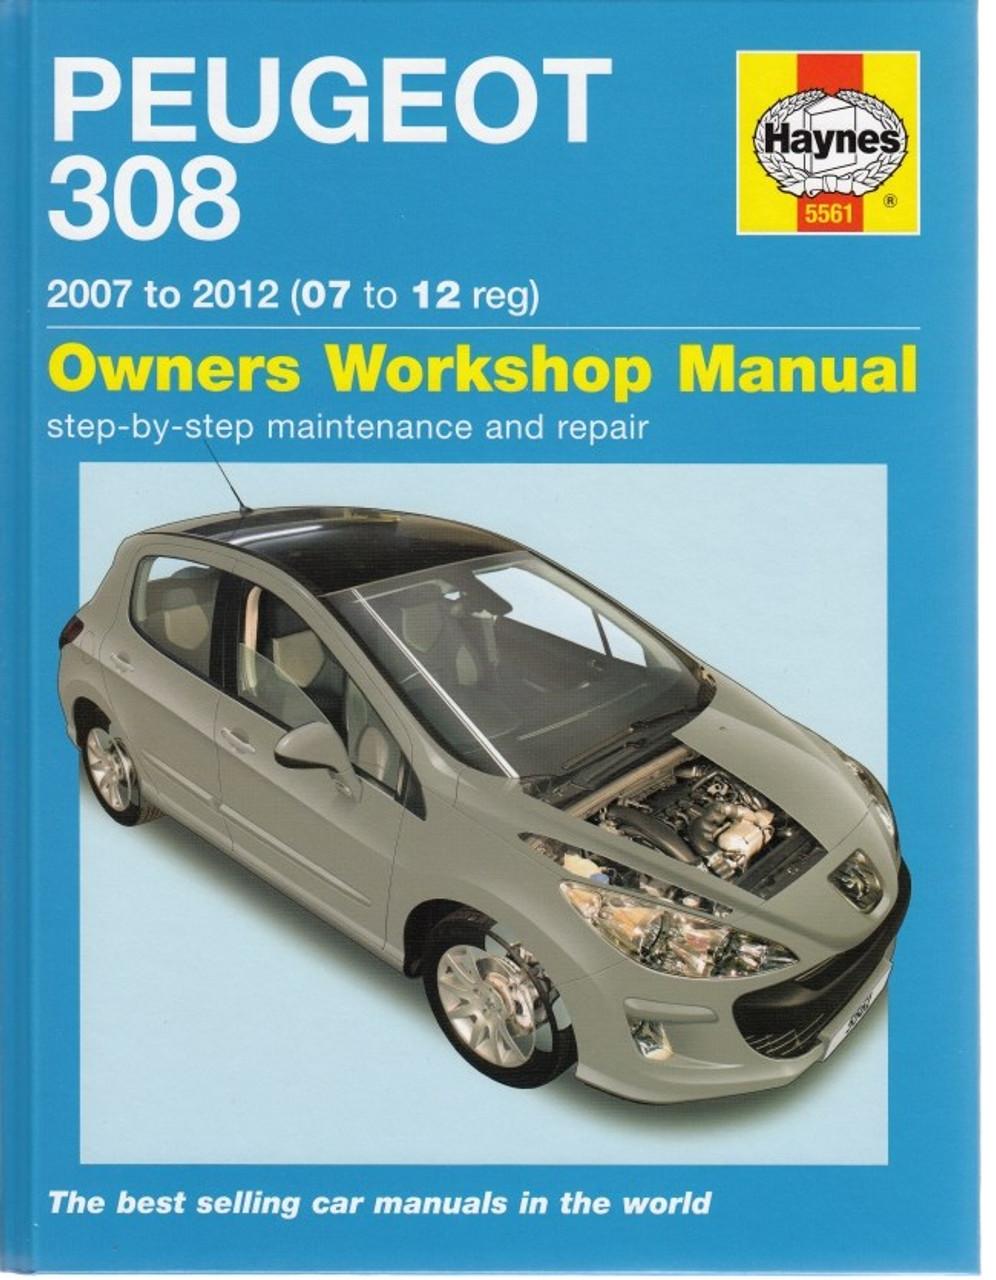 peugeot 308 2007 2012 petrol diesel workshop manual rh automotobookshop com au Peugeot 408 Manual Peugeot 407 Manual PDF